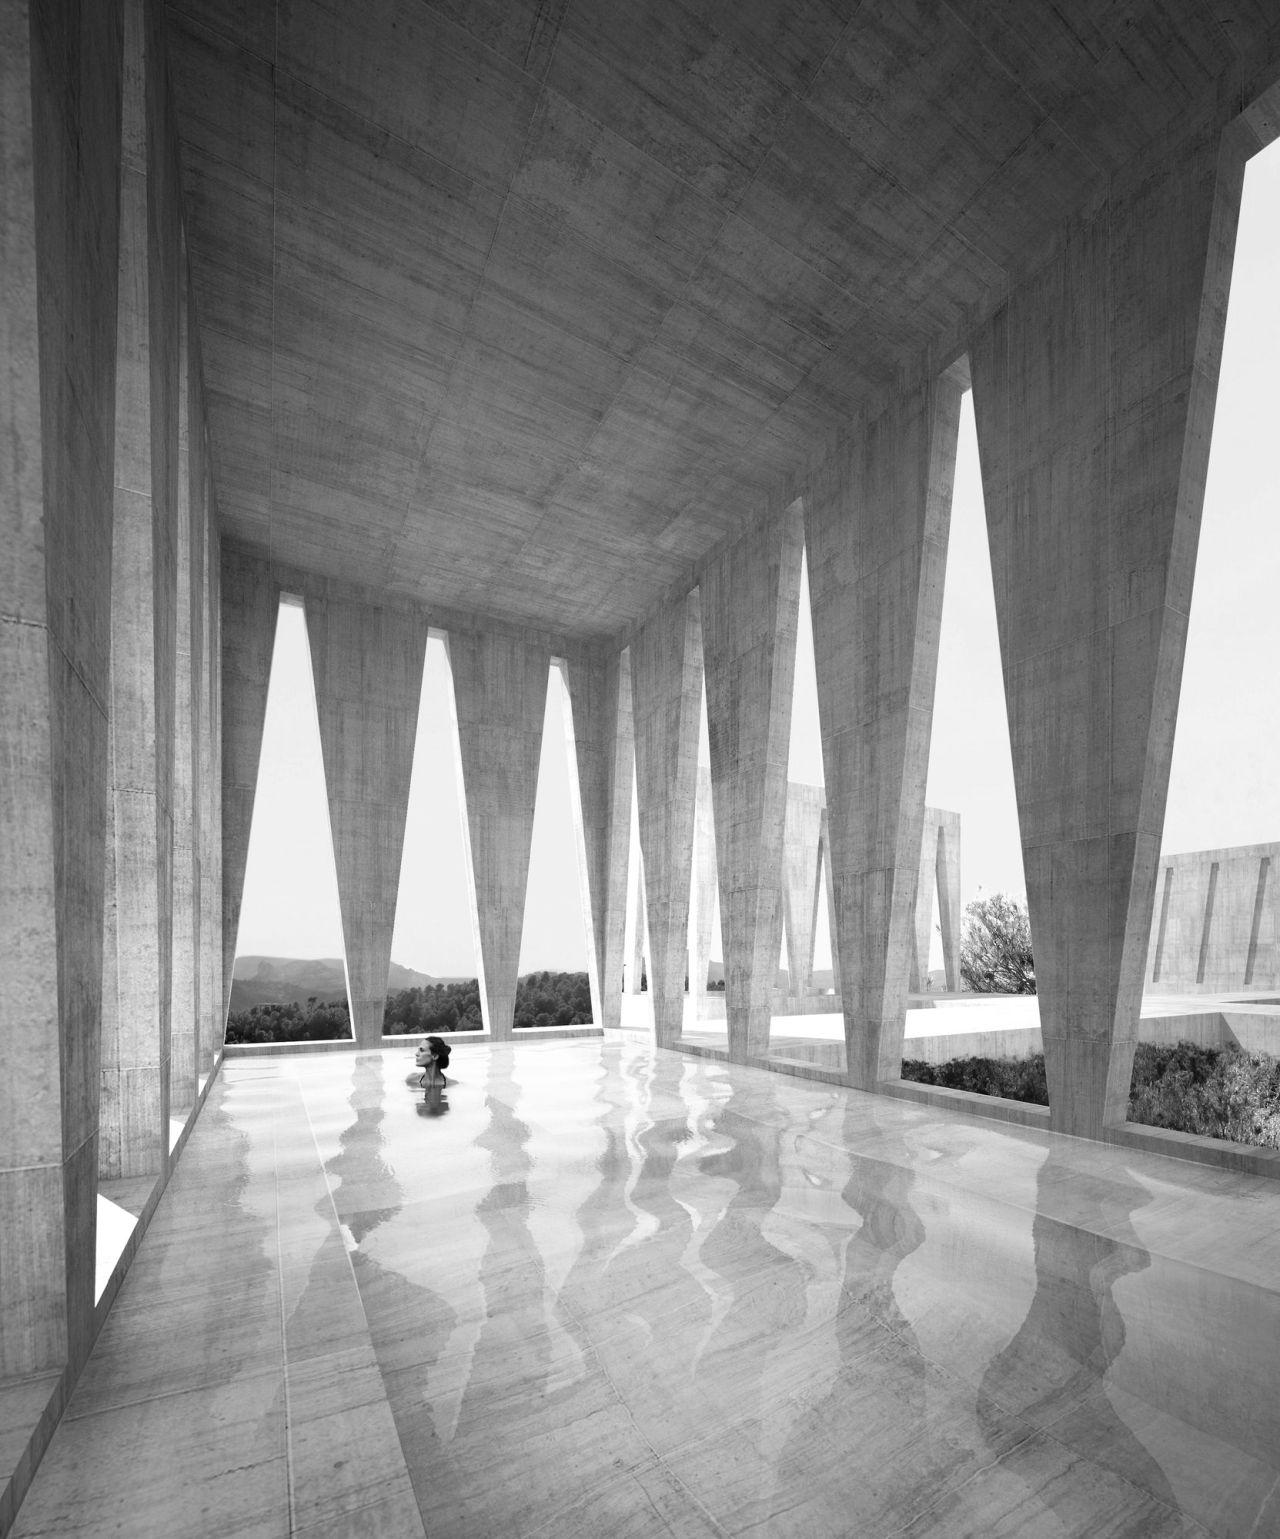 Solo Houses: 12 experienciasarquitectónicas